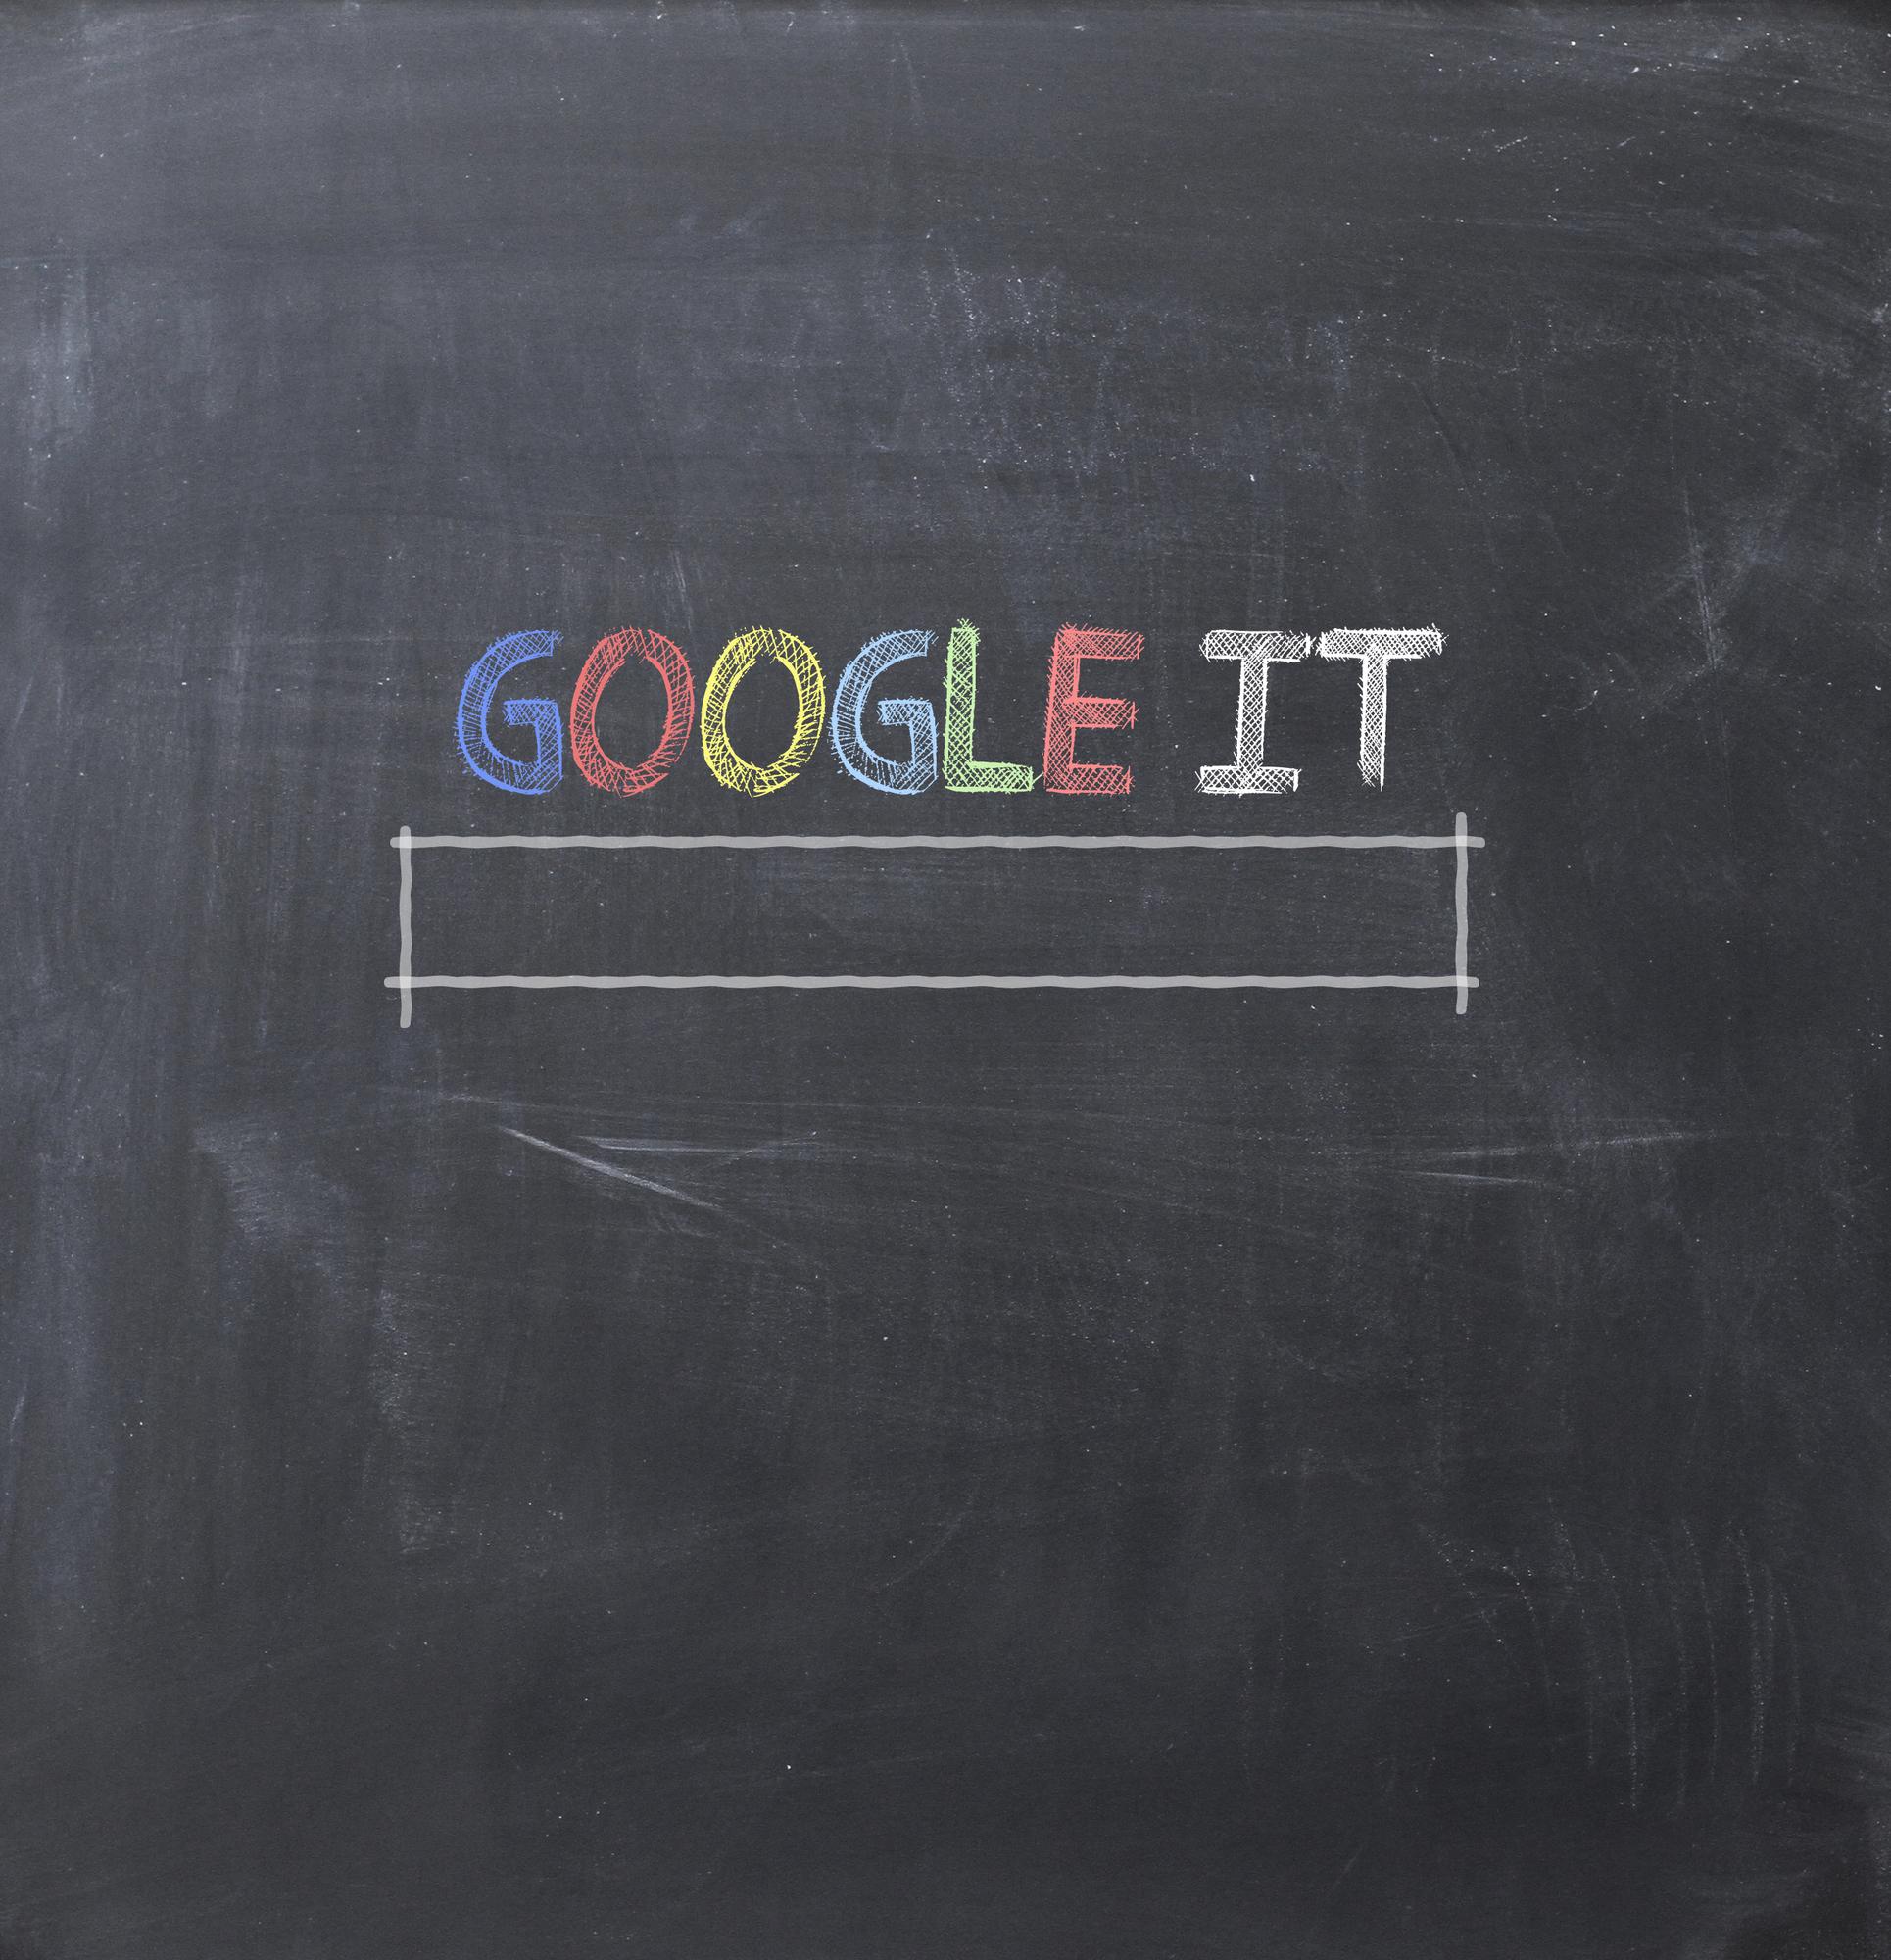 פרסום באמצעות אדוורדס רשת החיפוש של גוגל